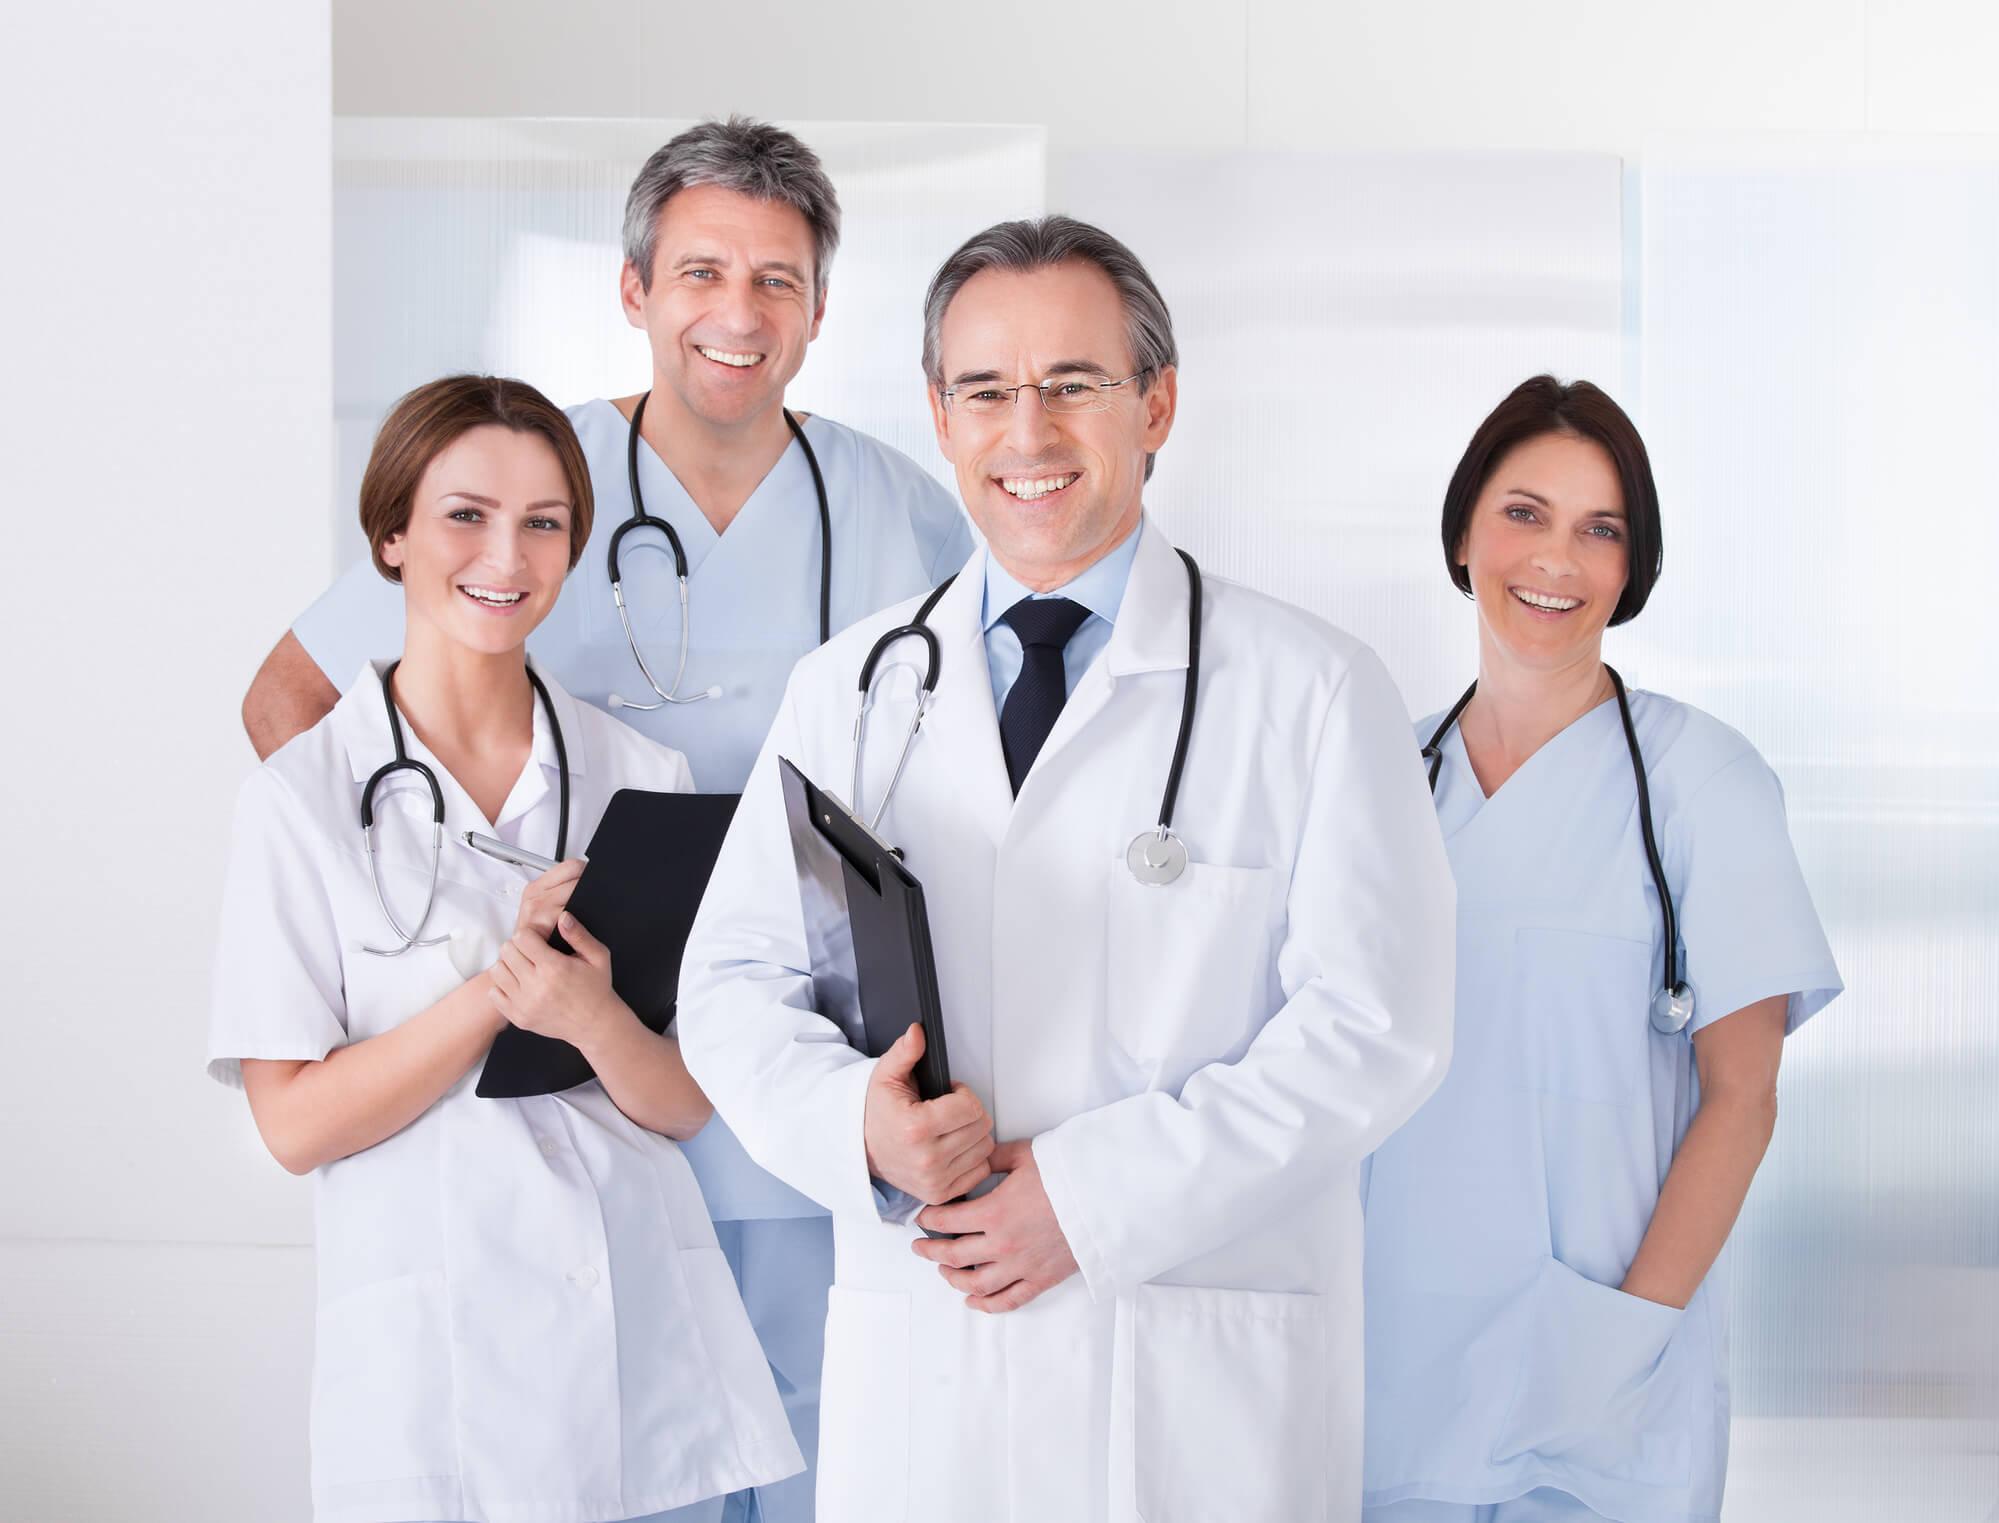 宫颈环扎术怎么做?